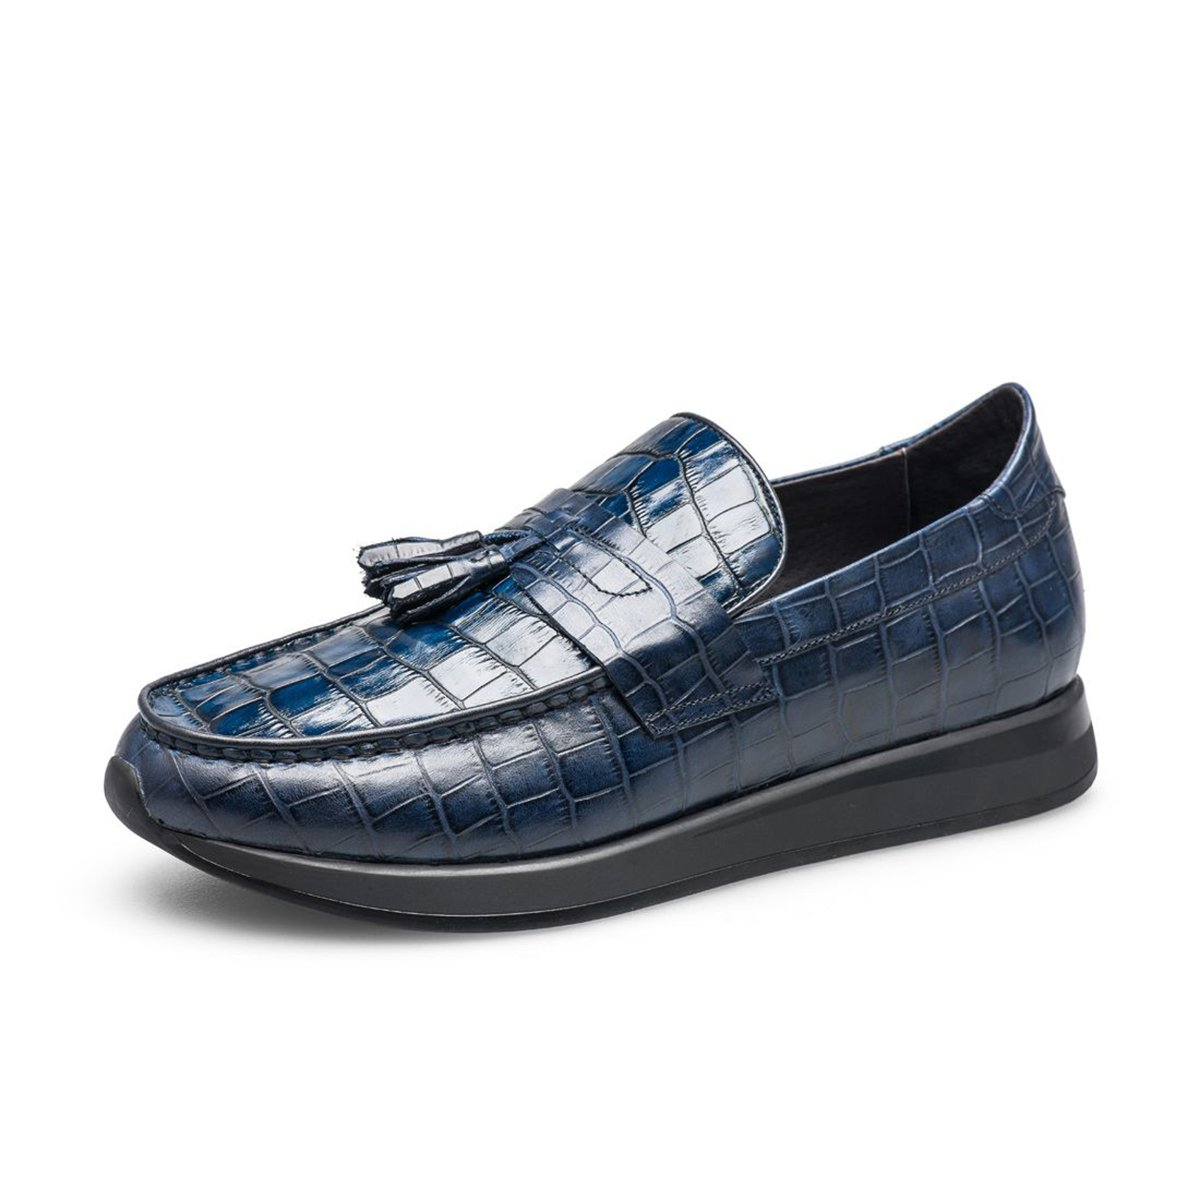 乔比迈凯懒人一脚蹬驾车鞋厚底增高英伦风正装乐福鞋真皮男款商务休闲皮鞋VIPDY5202L0